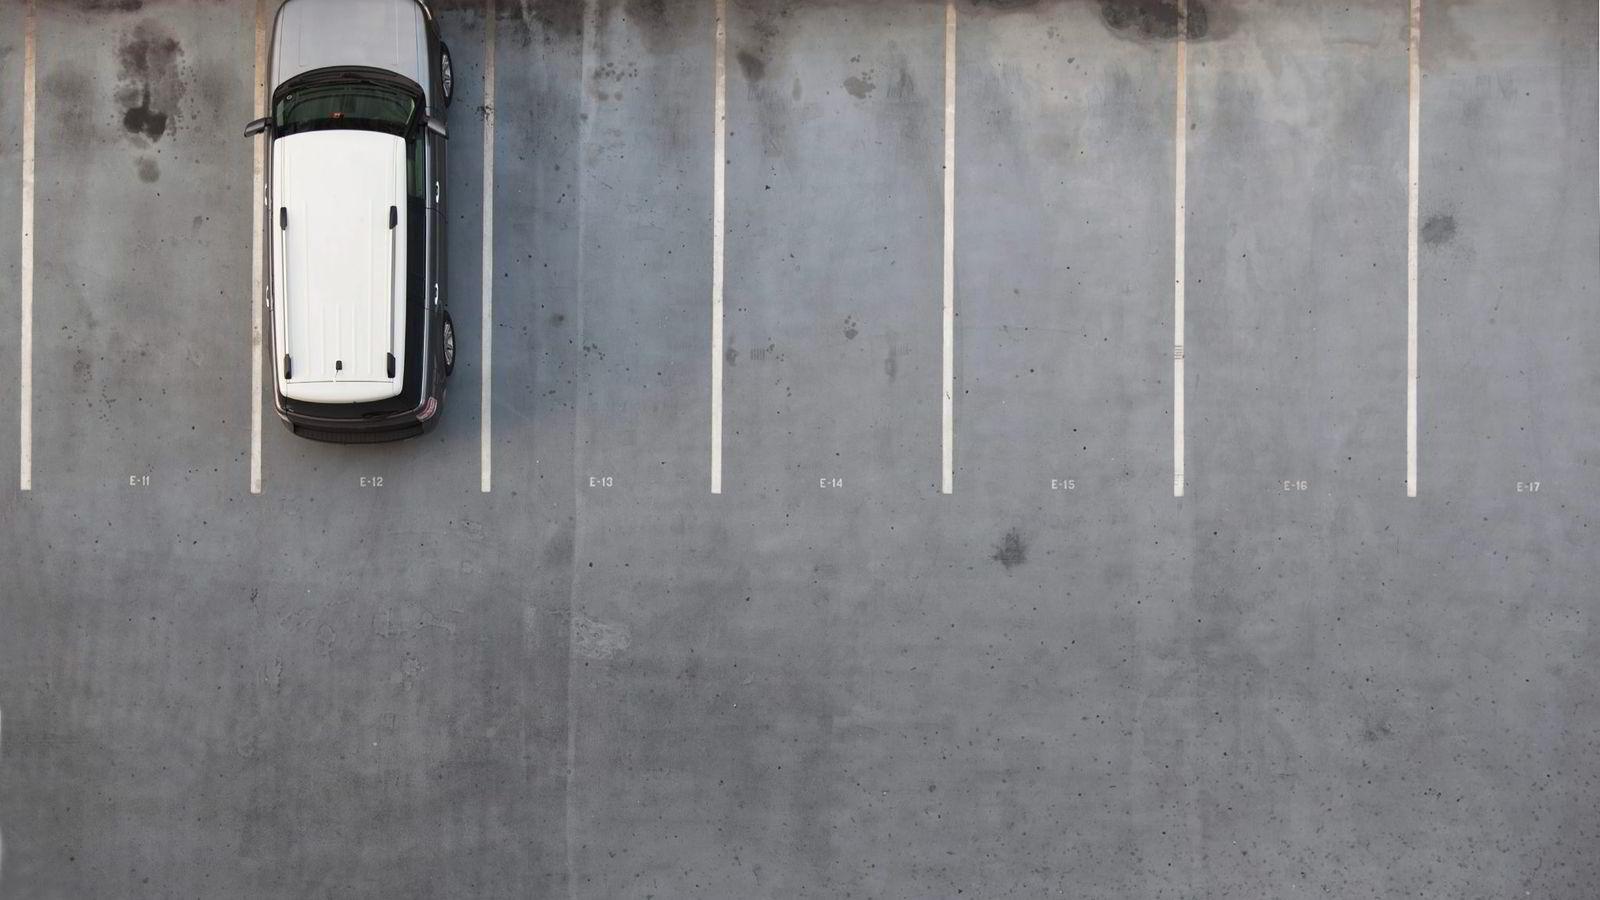 Å finne parkeringsplass på jobben mandag morgen blir stadig enklere. Mindre fokus på jobb og mer fokus på fritid gir lavere produktivitet, skriver artikkelforfatteren.